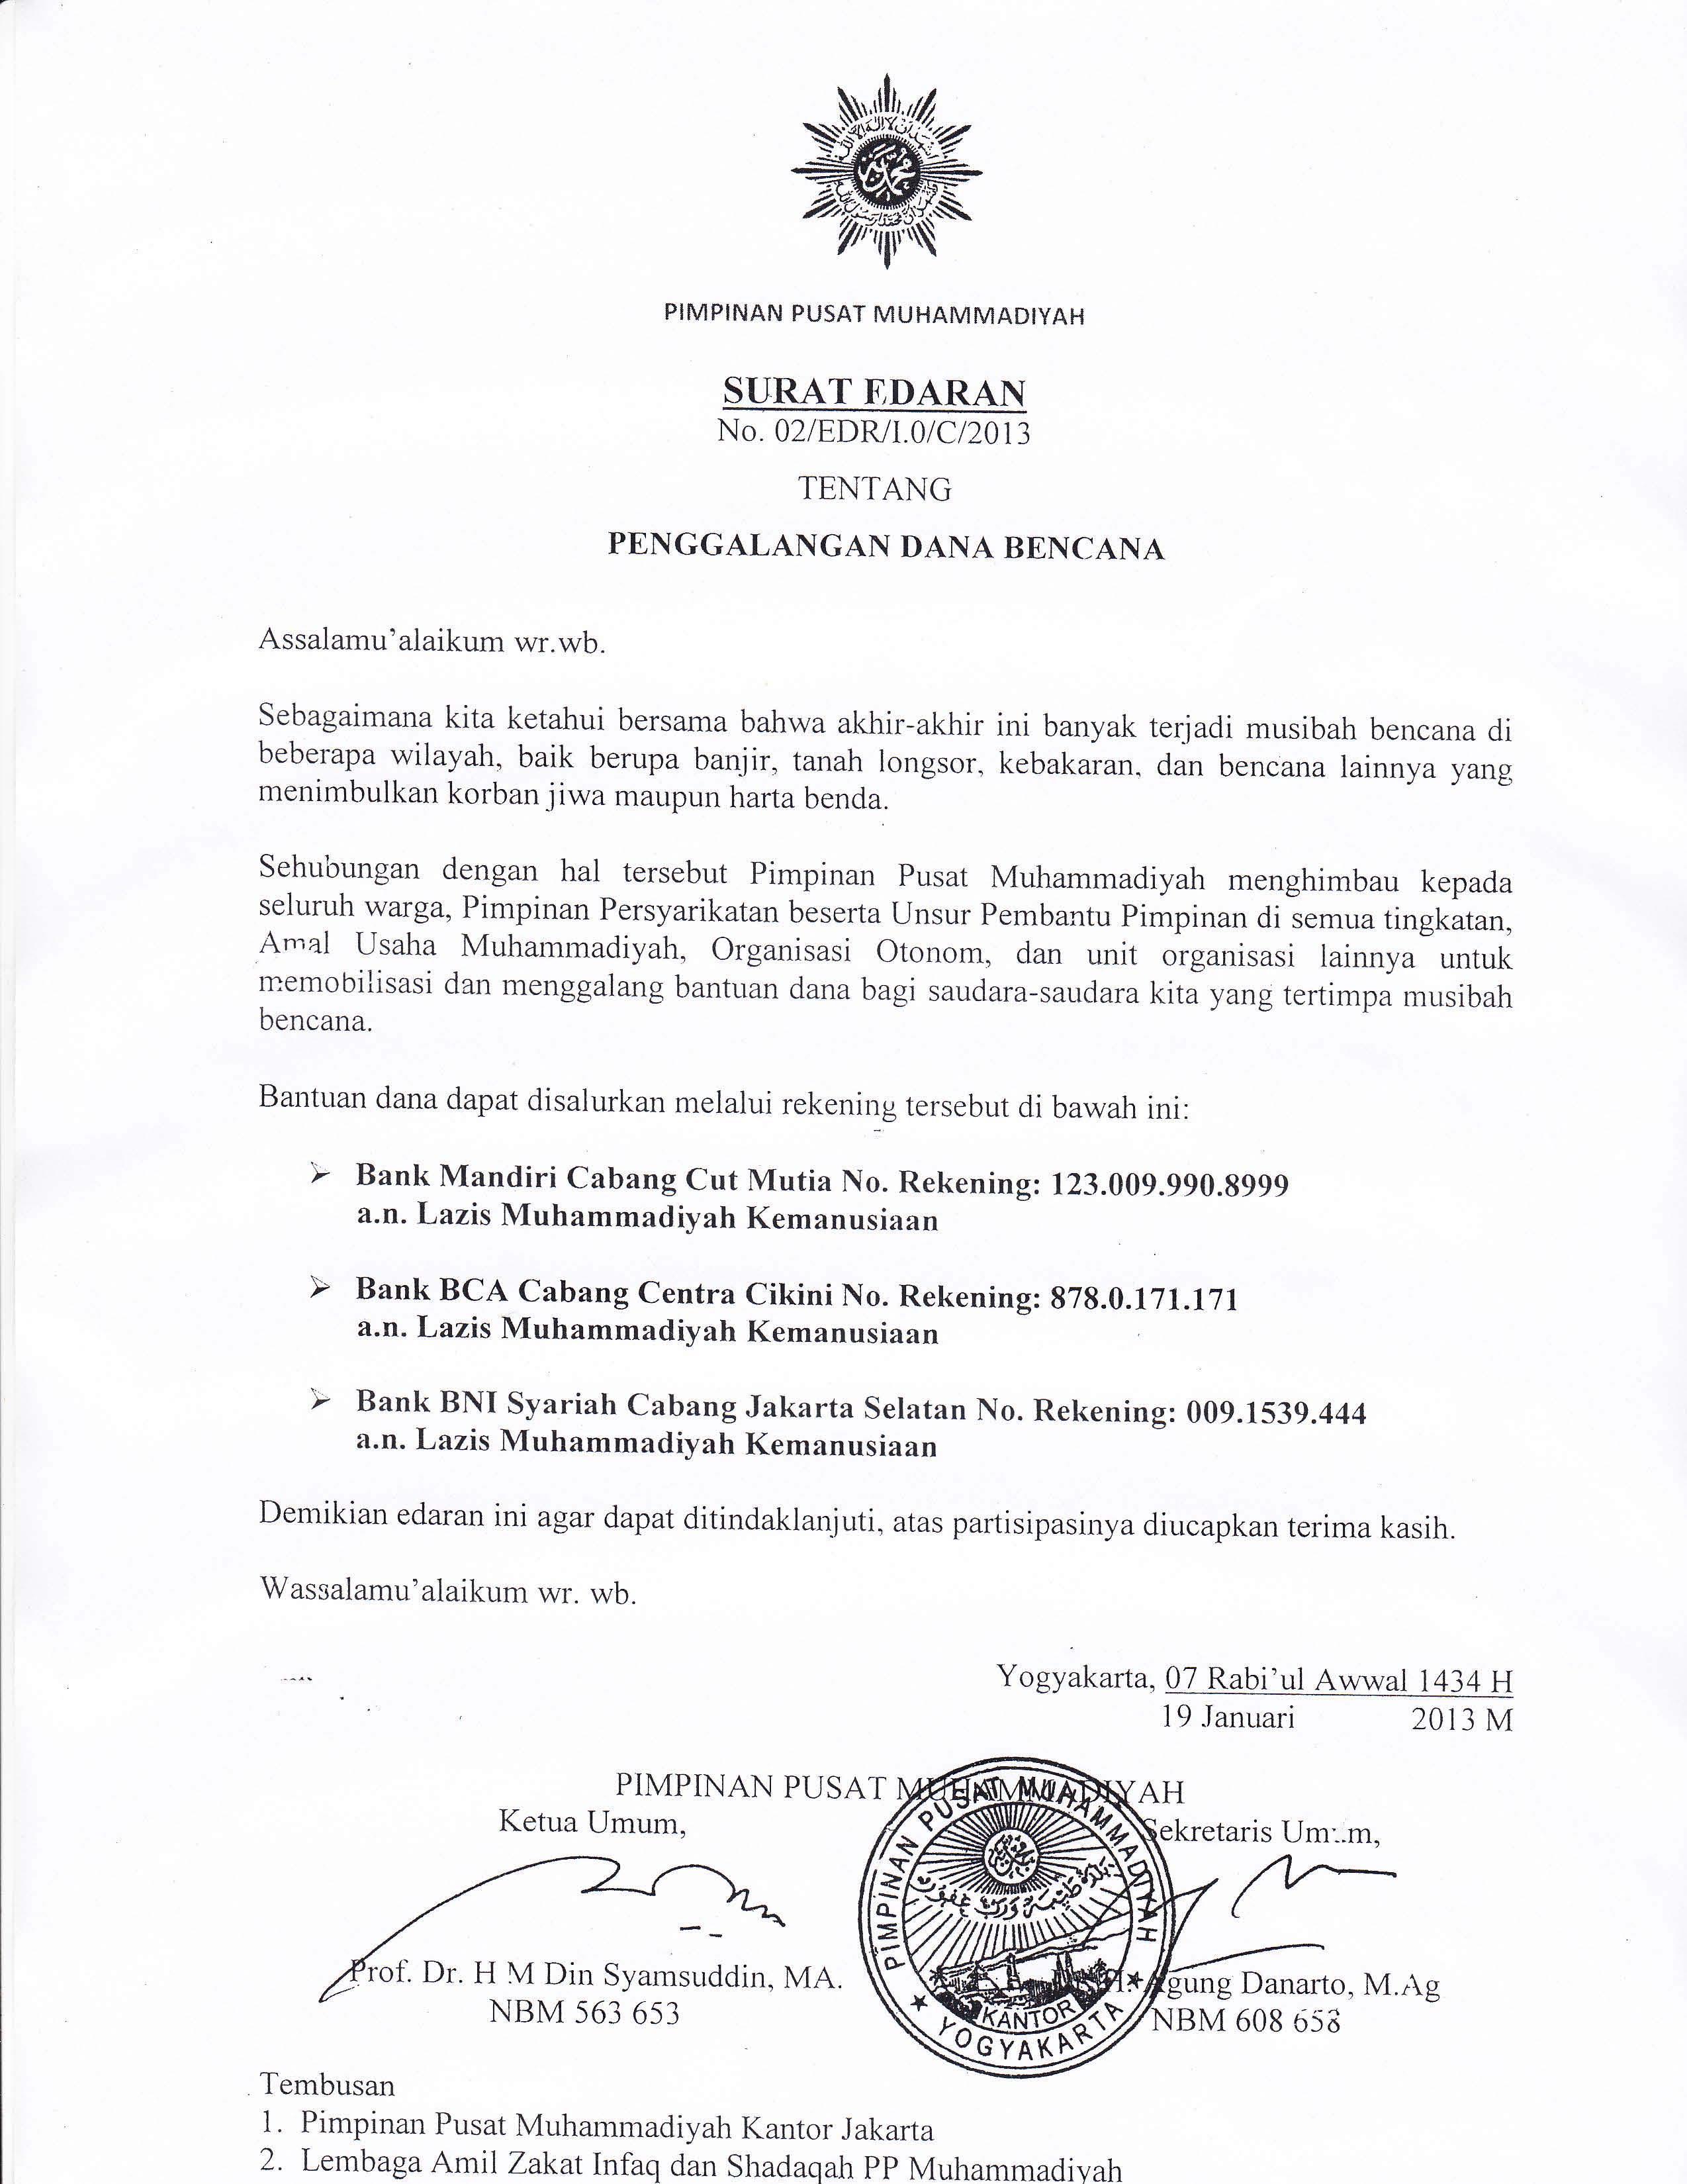 Pusat Muhammadiyah : SURAT EDARAN TENTANG PENGGALANGAN DANA BENCANA